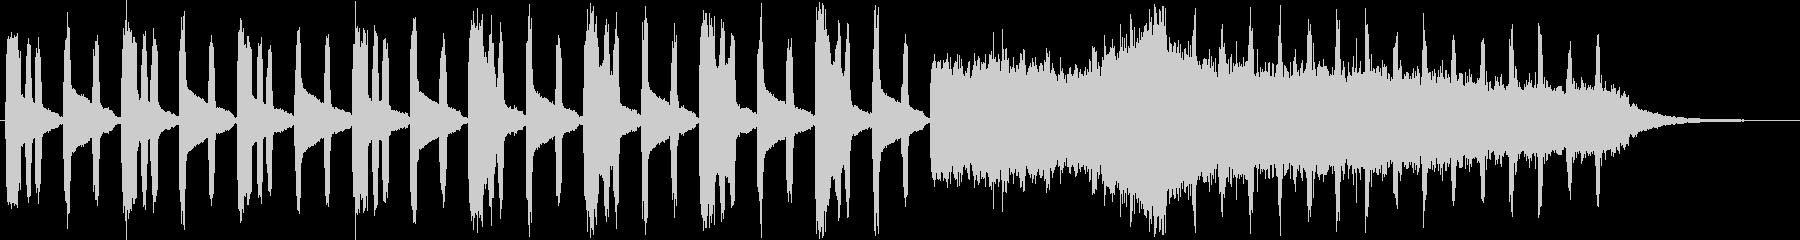 ファンタジーなオルガン・シンセサウンンドの未再生の波形